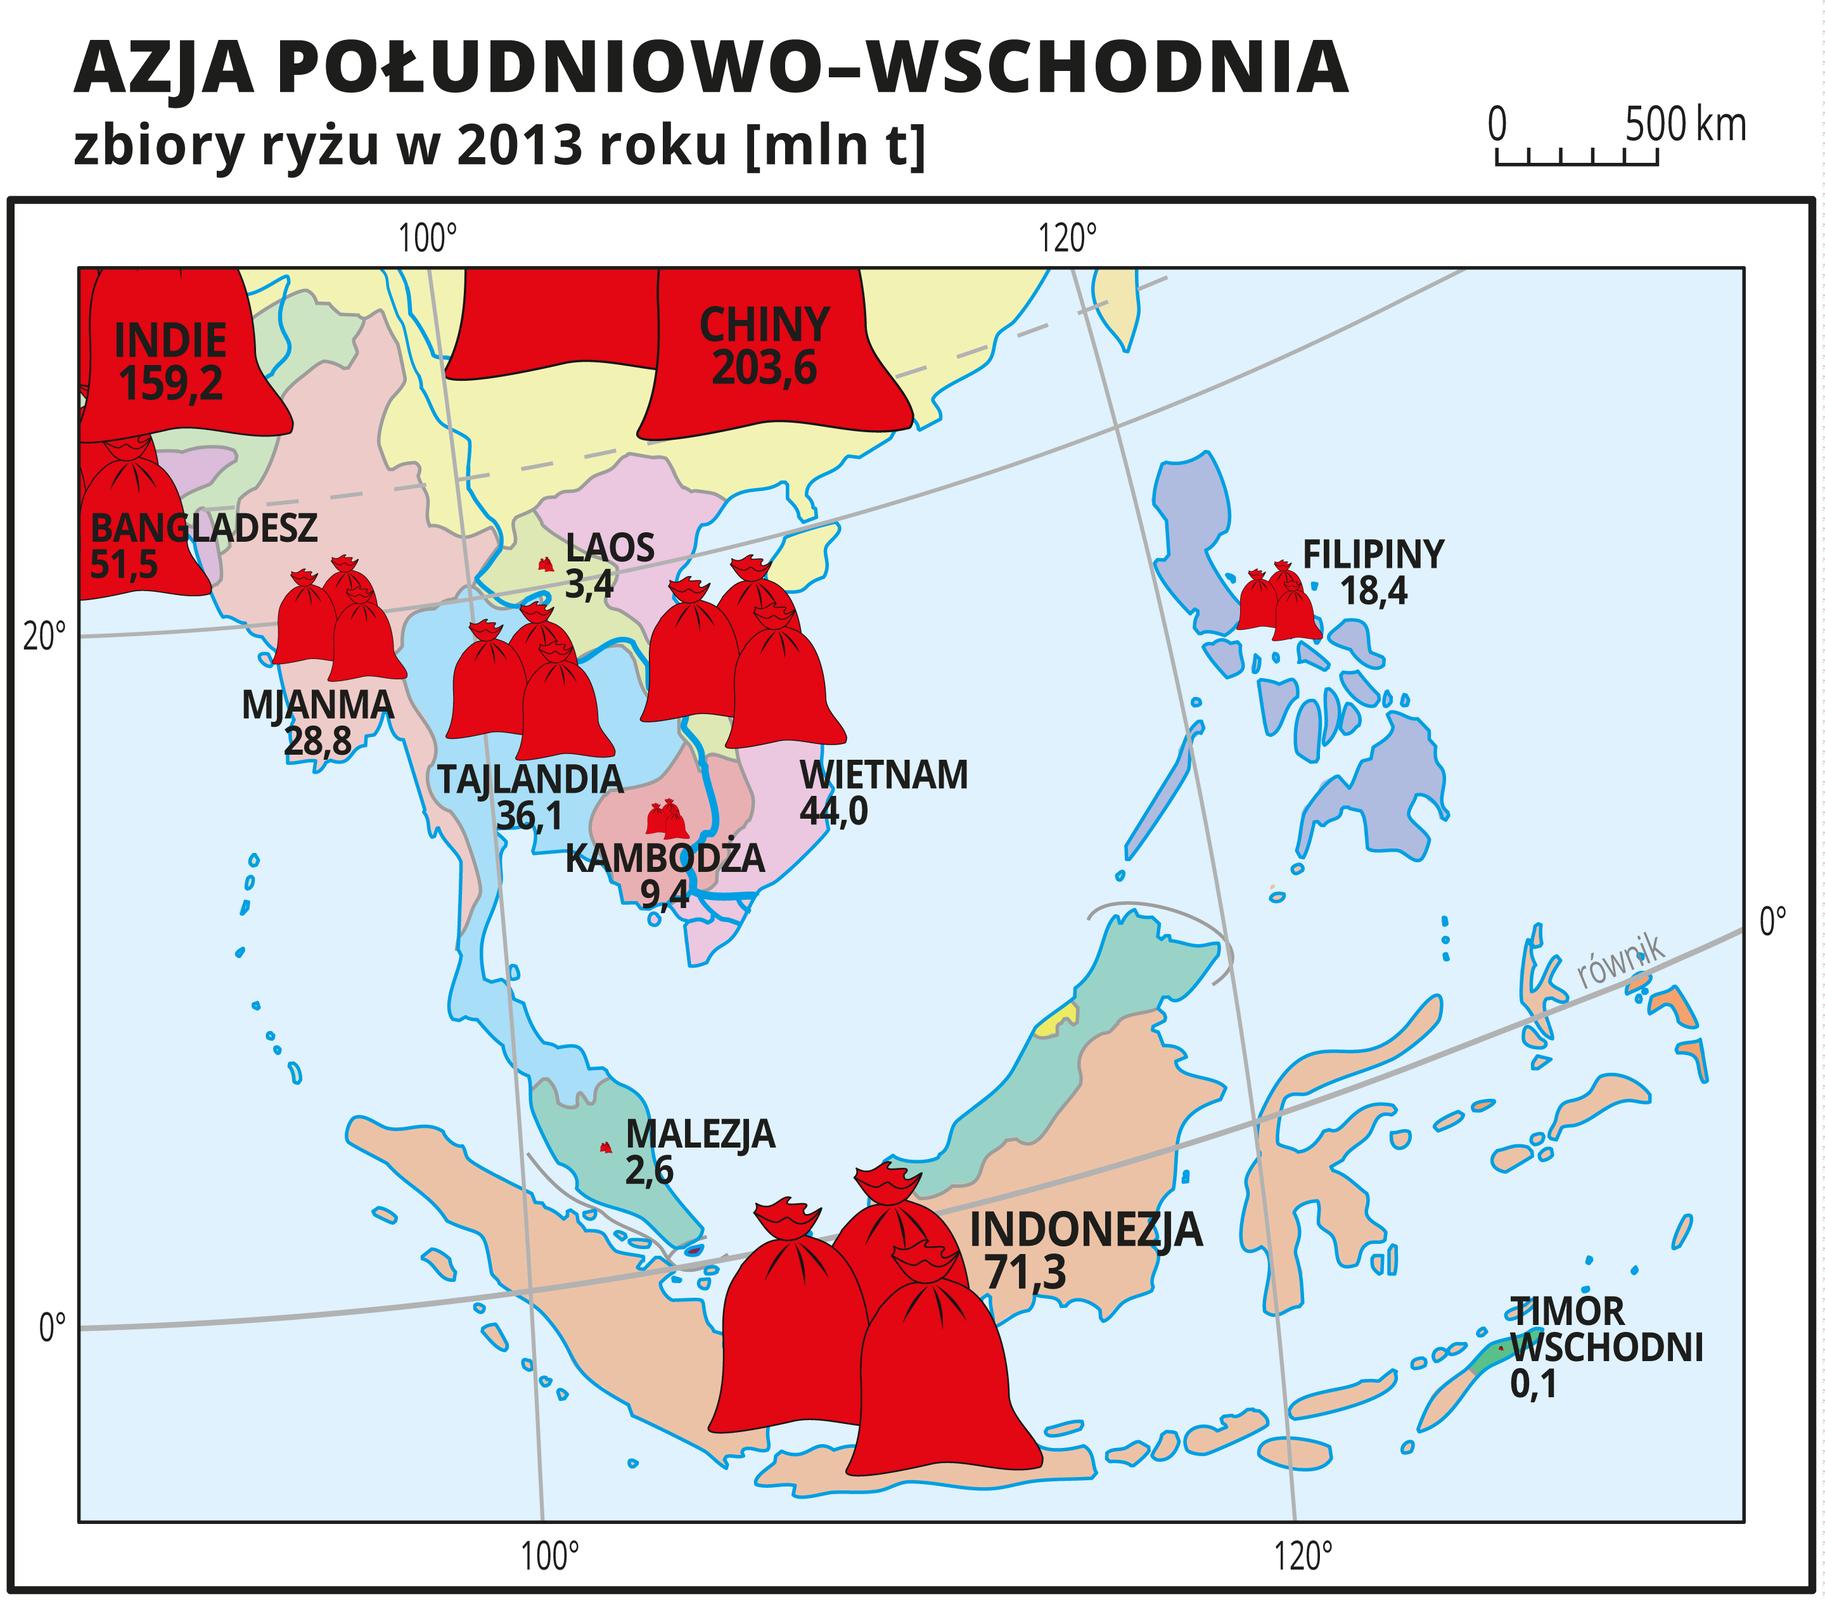 Ilustracja przedstawia mapę Azji Południowo-Wschodniej. Na mapie przedstawiono wielkość zbiorów ryżu wdwa tysiące trzynastym roku wposzczególnych państwach. Zbiory oznaczono czerwonymi workami, znak większy jeśli duże były zbiory. Chiny – 203,6 miliona ton ryżu, Indie – 159,2 miliona ton, Indonezja – 71,3 miliona ton, Bangladesz – 51,5 miliona ton, Wietnam – 44 miliony ton, Tajlandia – 36,1 miliona ton, dalej Mjanma, Filipiny, Kambodża, Laos, Malezja, Timor Wschodni. Morza ioceany zaznaczono kolorem niebieskim. Mapa pokryta jest równoleżnikami ipołudnikami. Dookoła mapy wbiałej ramce opisano współrzędne geograficzne co dwadzieścia stopni.